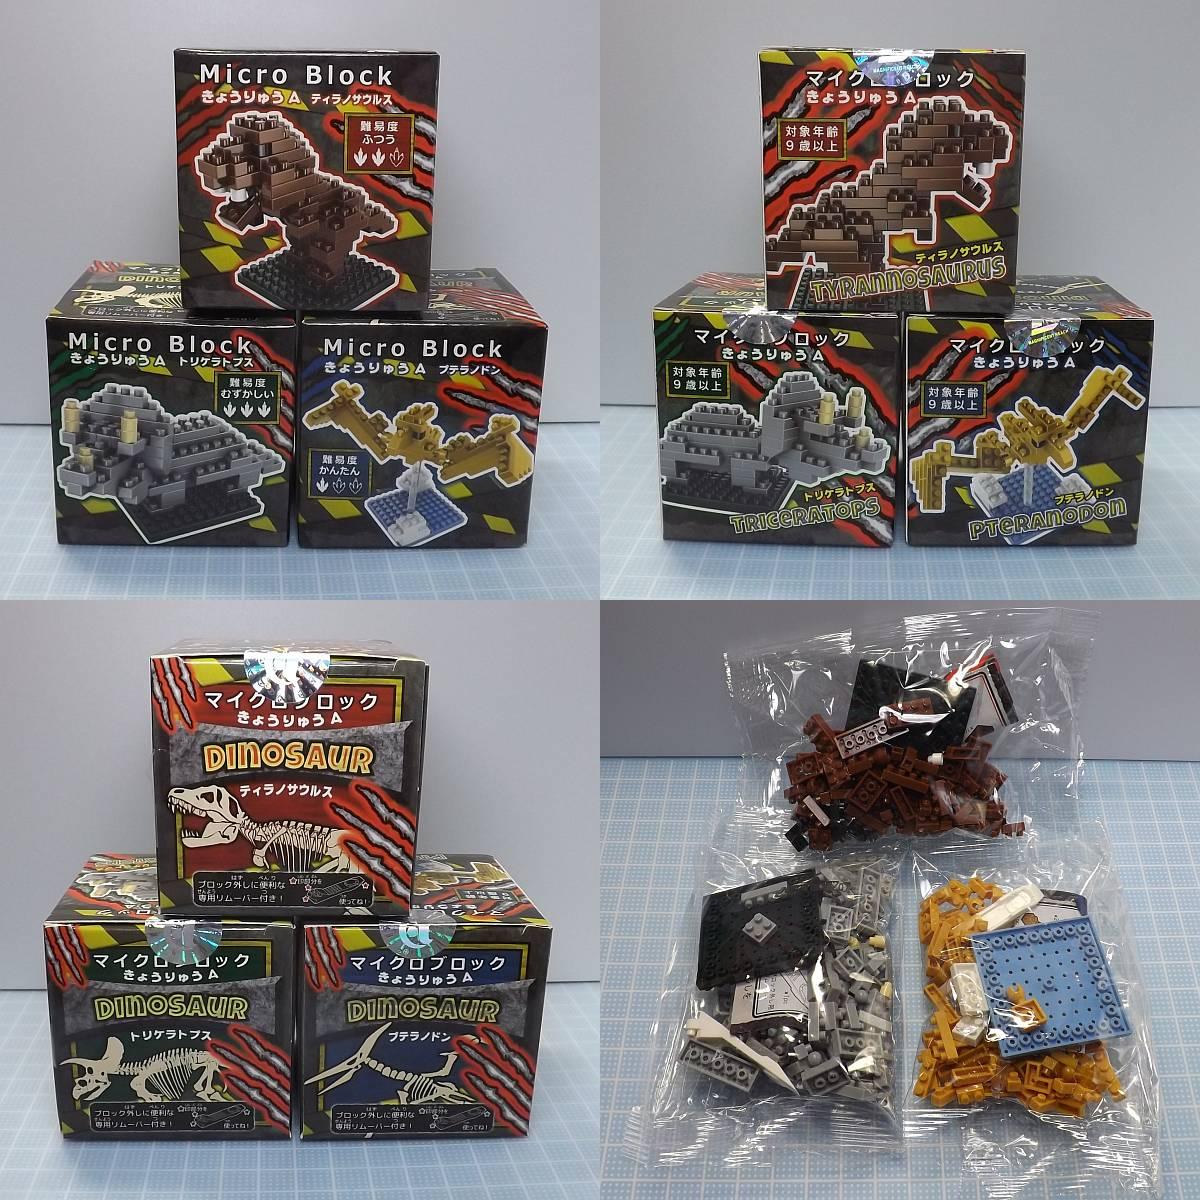 test ツイッターメディア - #セリア で #マイクロブロック の新しいのを見かけたので買ってみましたー 恐竜シリーズ!プチブロックにも欲しい! 箱のイラストは骨格だけど、商品は復元という。 写真?が割とピカピカなので、色が金・銀・胴なのかな?と思ったけど、プテラの一部以外は普通に赤茶色・グレー・黄土色でした https://t.co/HxEDhxzmRN